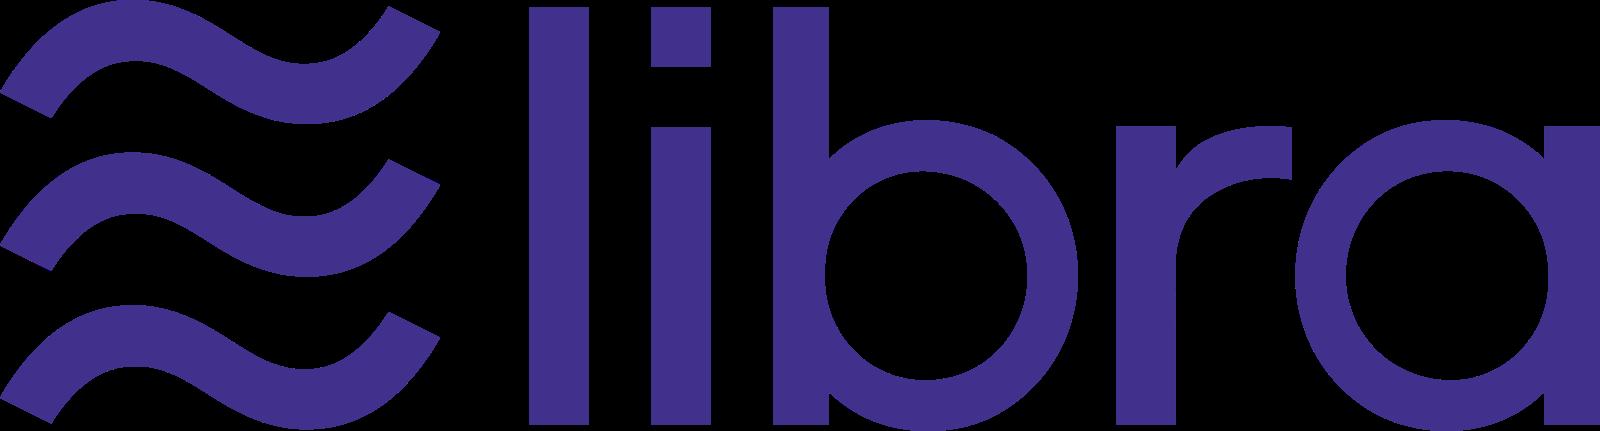 libra logo 2 - Libra Logo